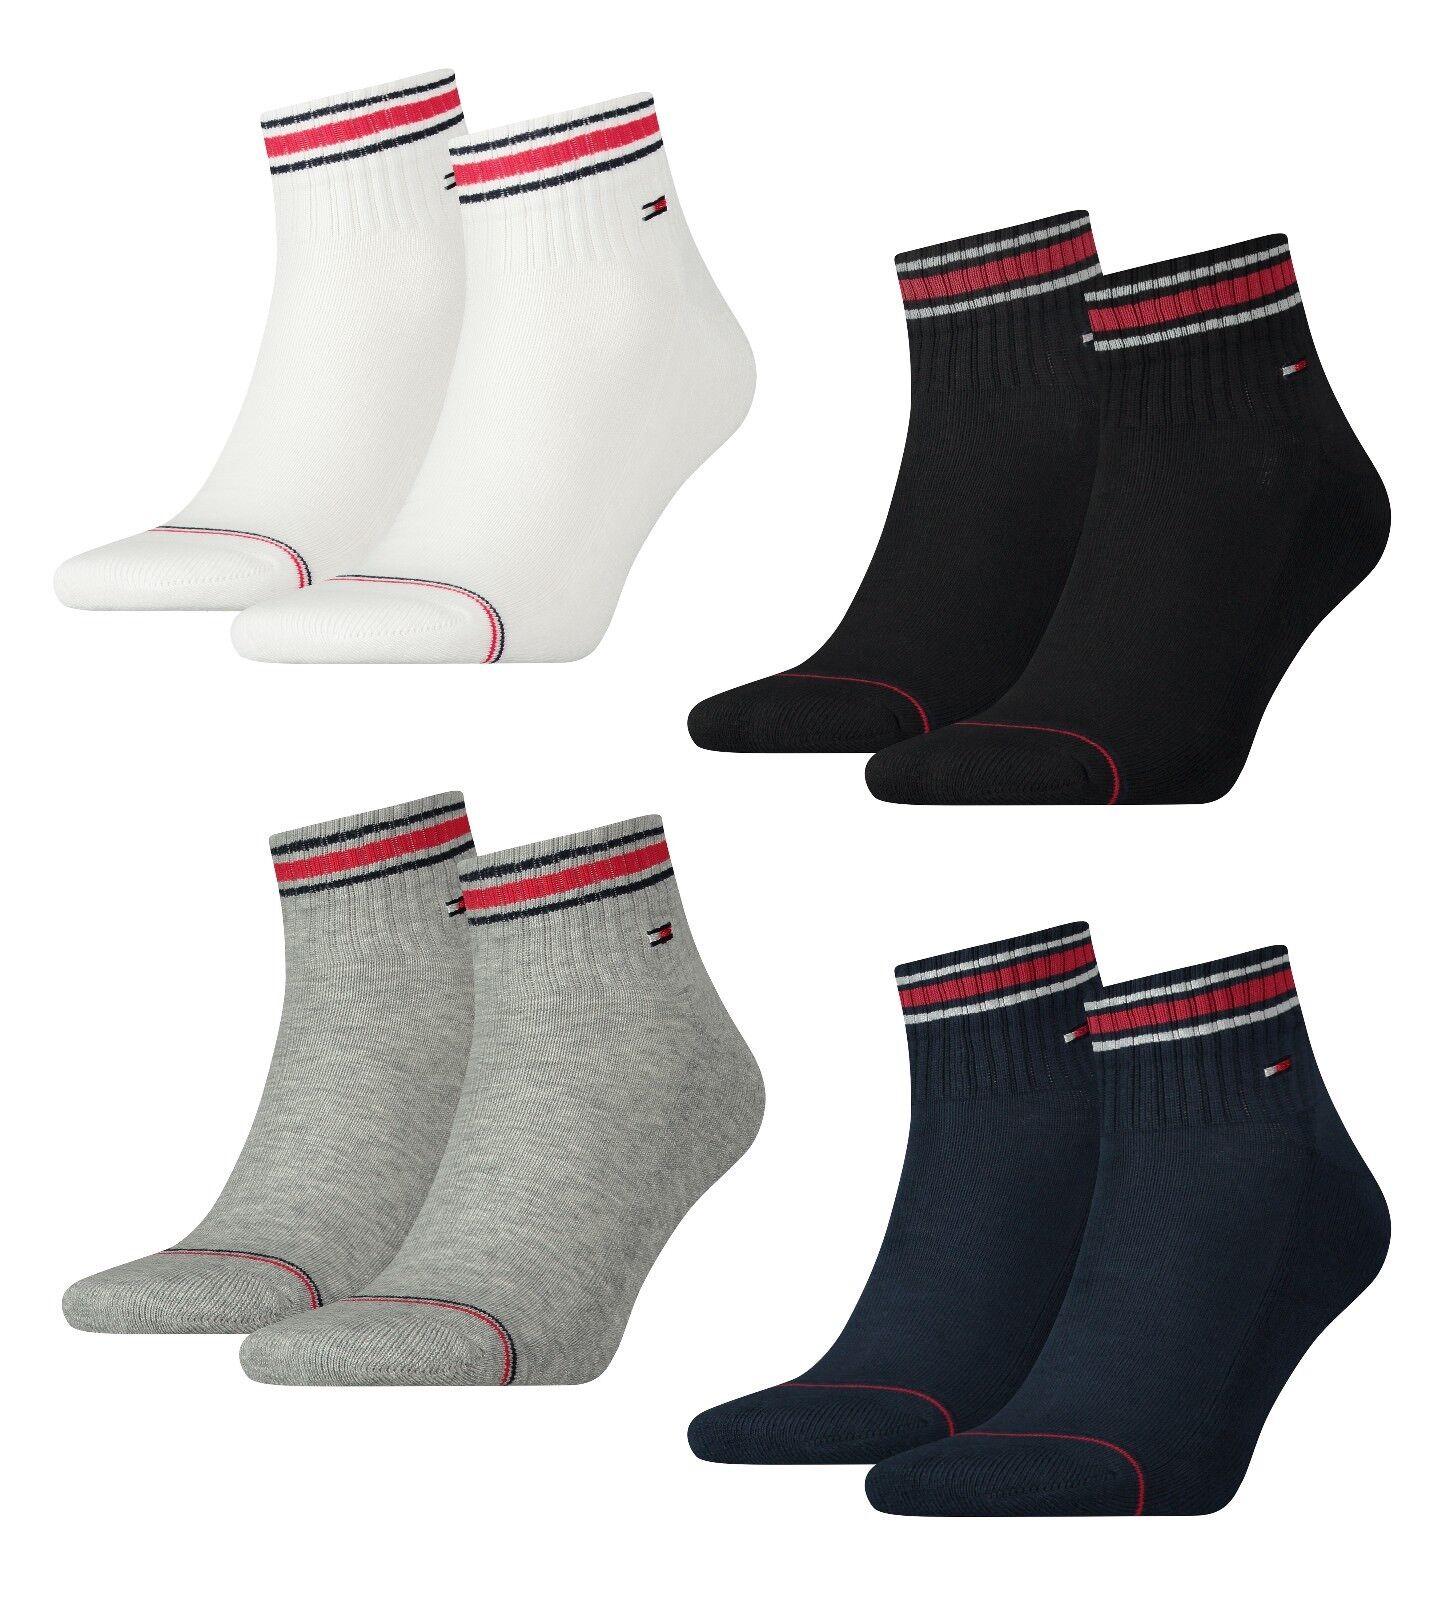 TOMMY HILFIGER - Herren Quarters > Sport Socken > Frotteesohle > 4er Pack *